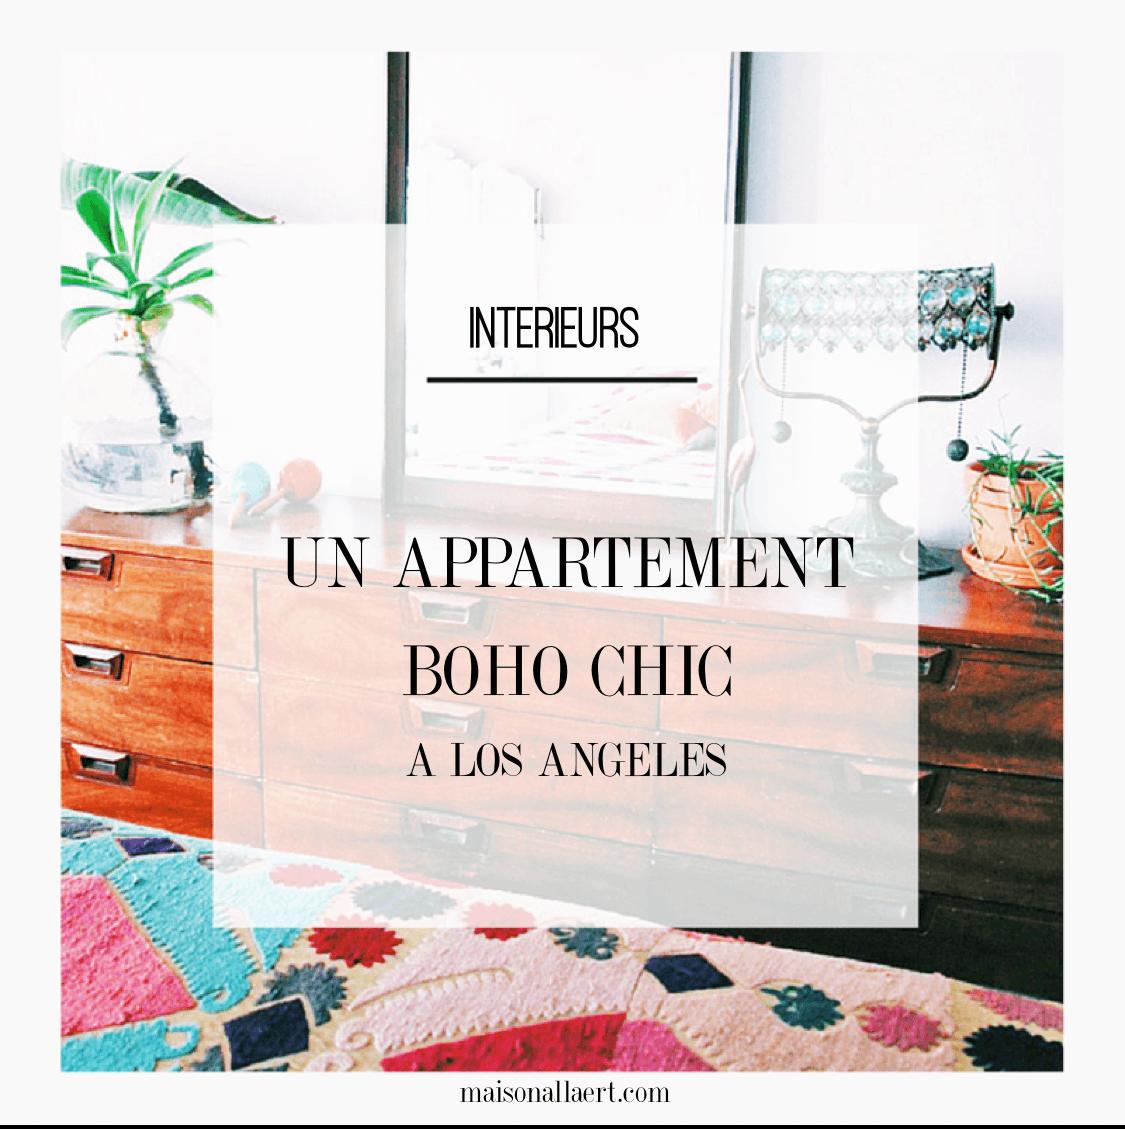 Découvrez un adorable appartement boho chic californien, et trouvez l'inspiration en parcourant les photos de cet intérieur coloré et bohème. Plus de photos dans l'article !